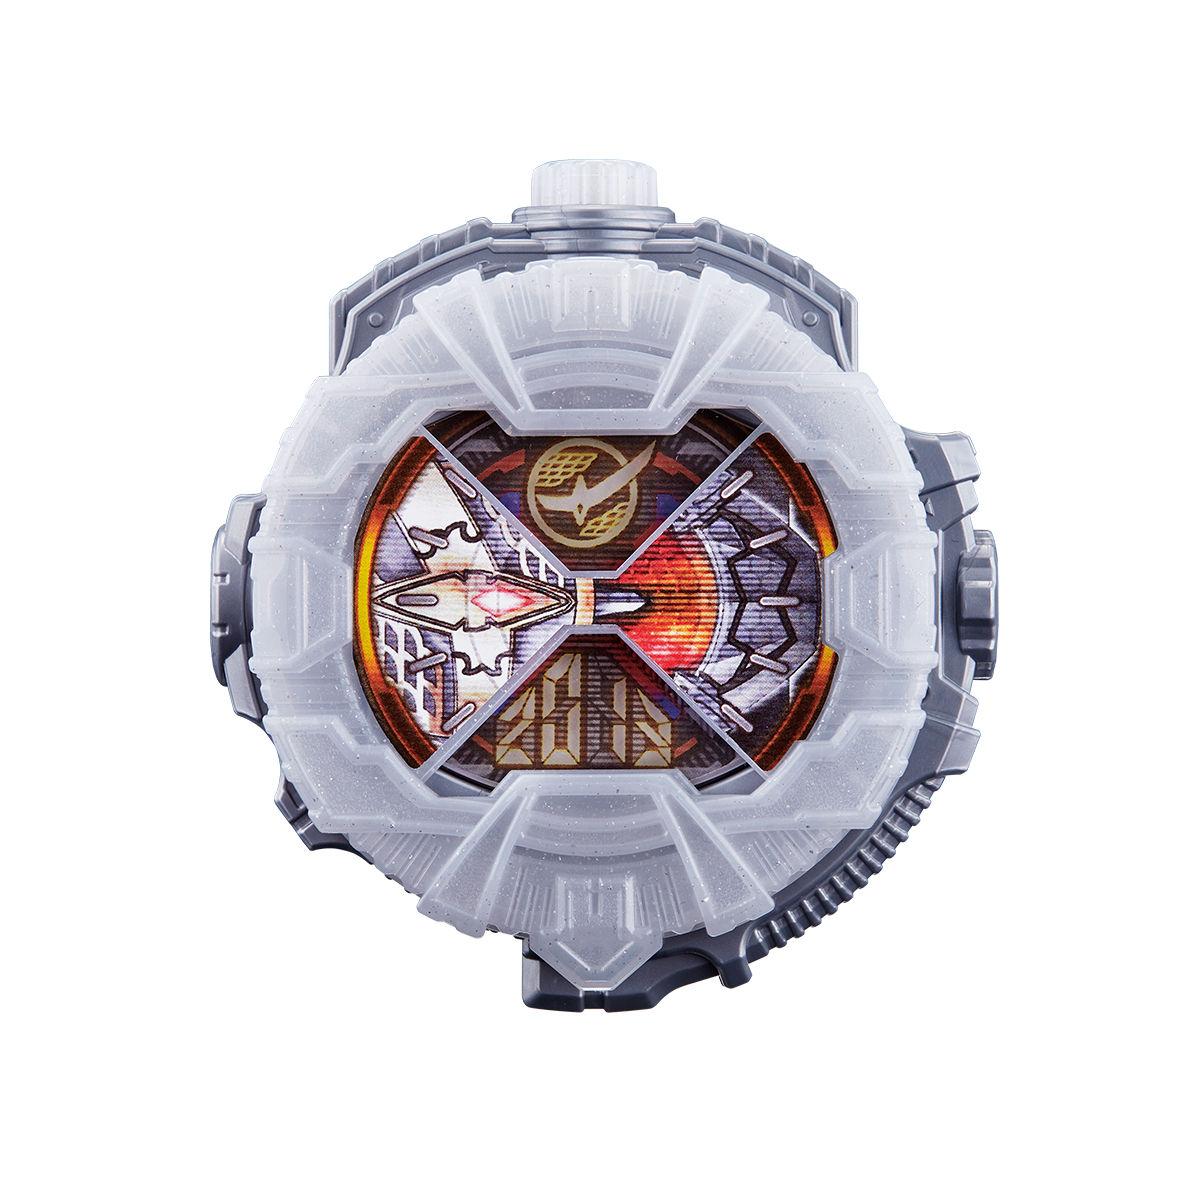 仮面ライダージオウ『DX鎧武極アームズライドウォッチ』変身なりきり-003